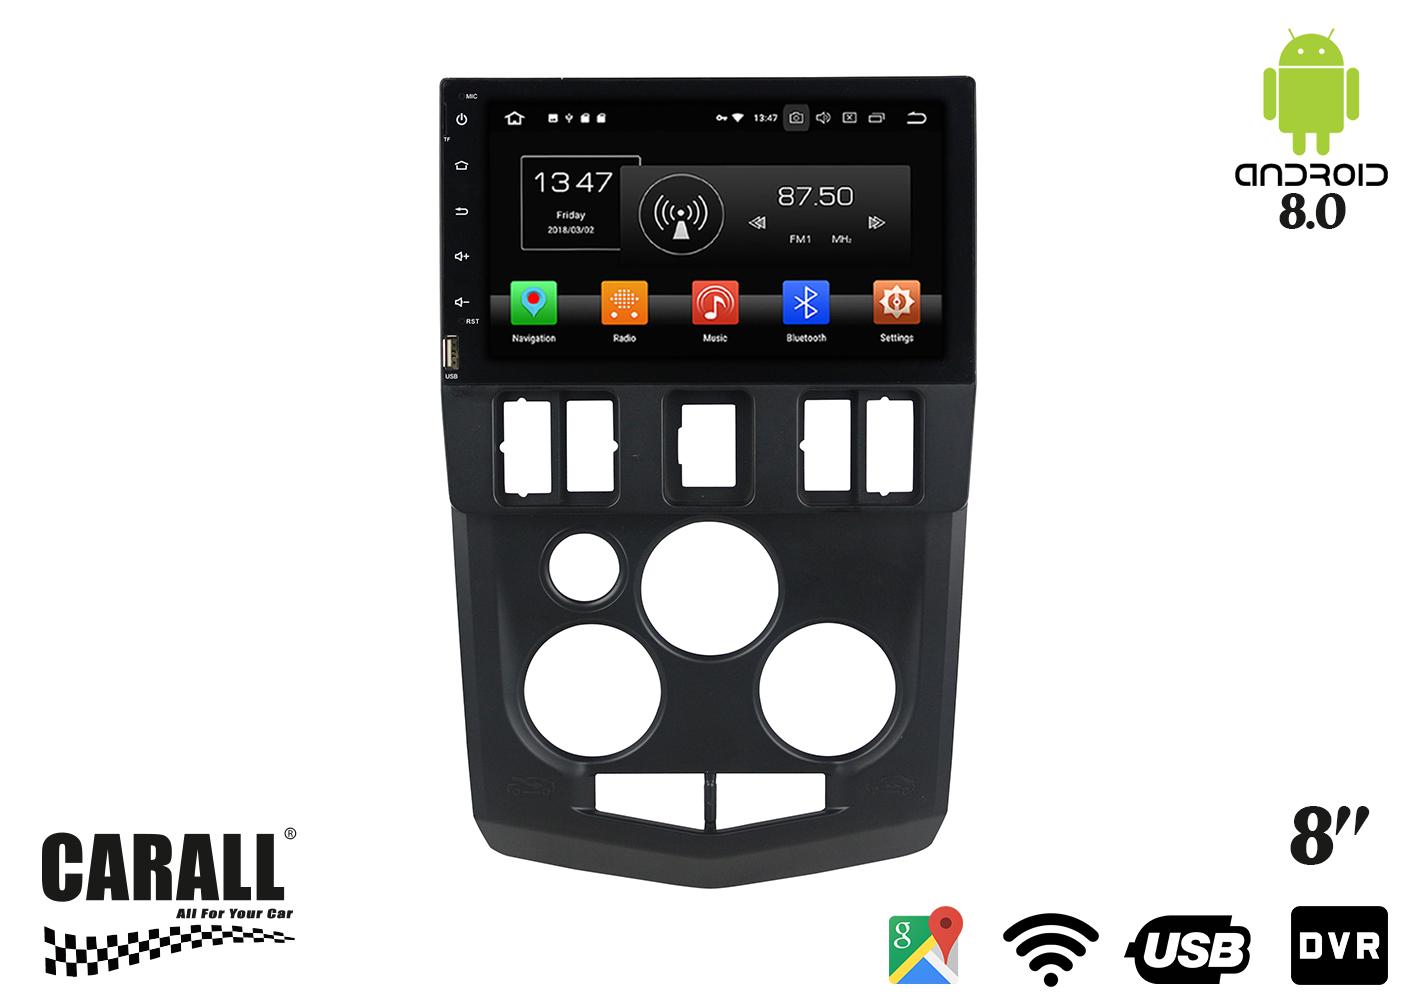 Autoradio Android 8,0 Dacia Logan L90 GPS DVD USB SD WI-FI Bluetooth Navigatore - KIT